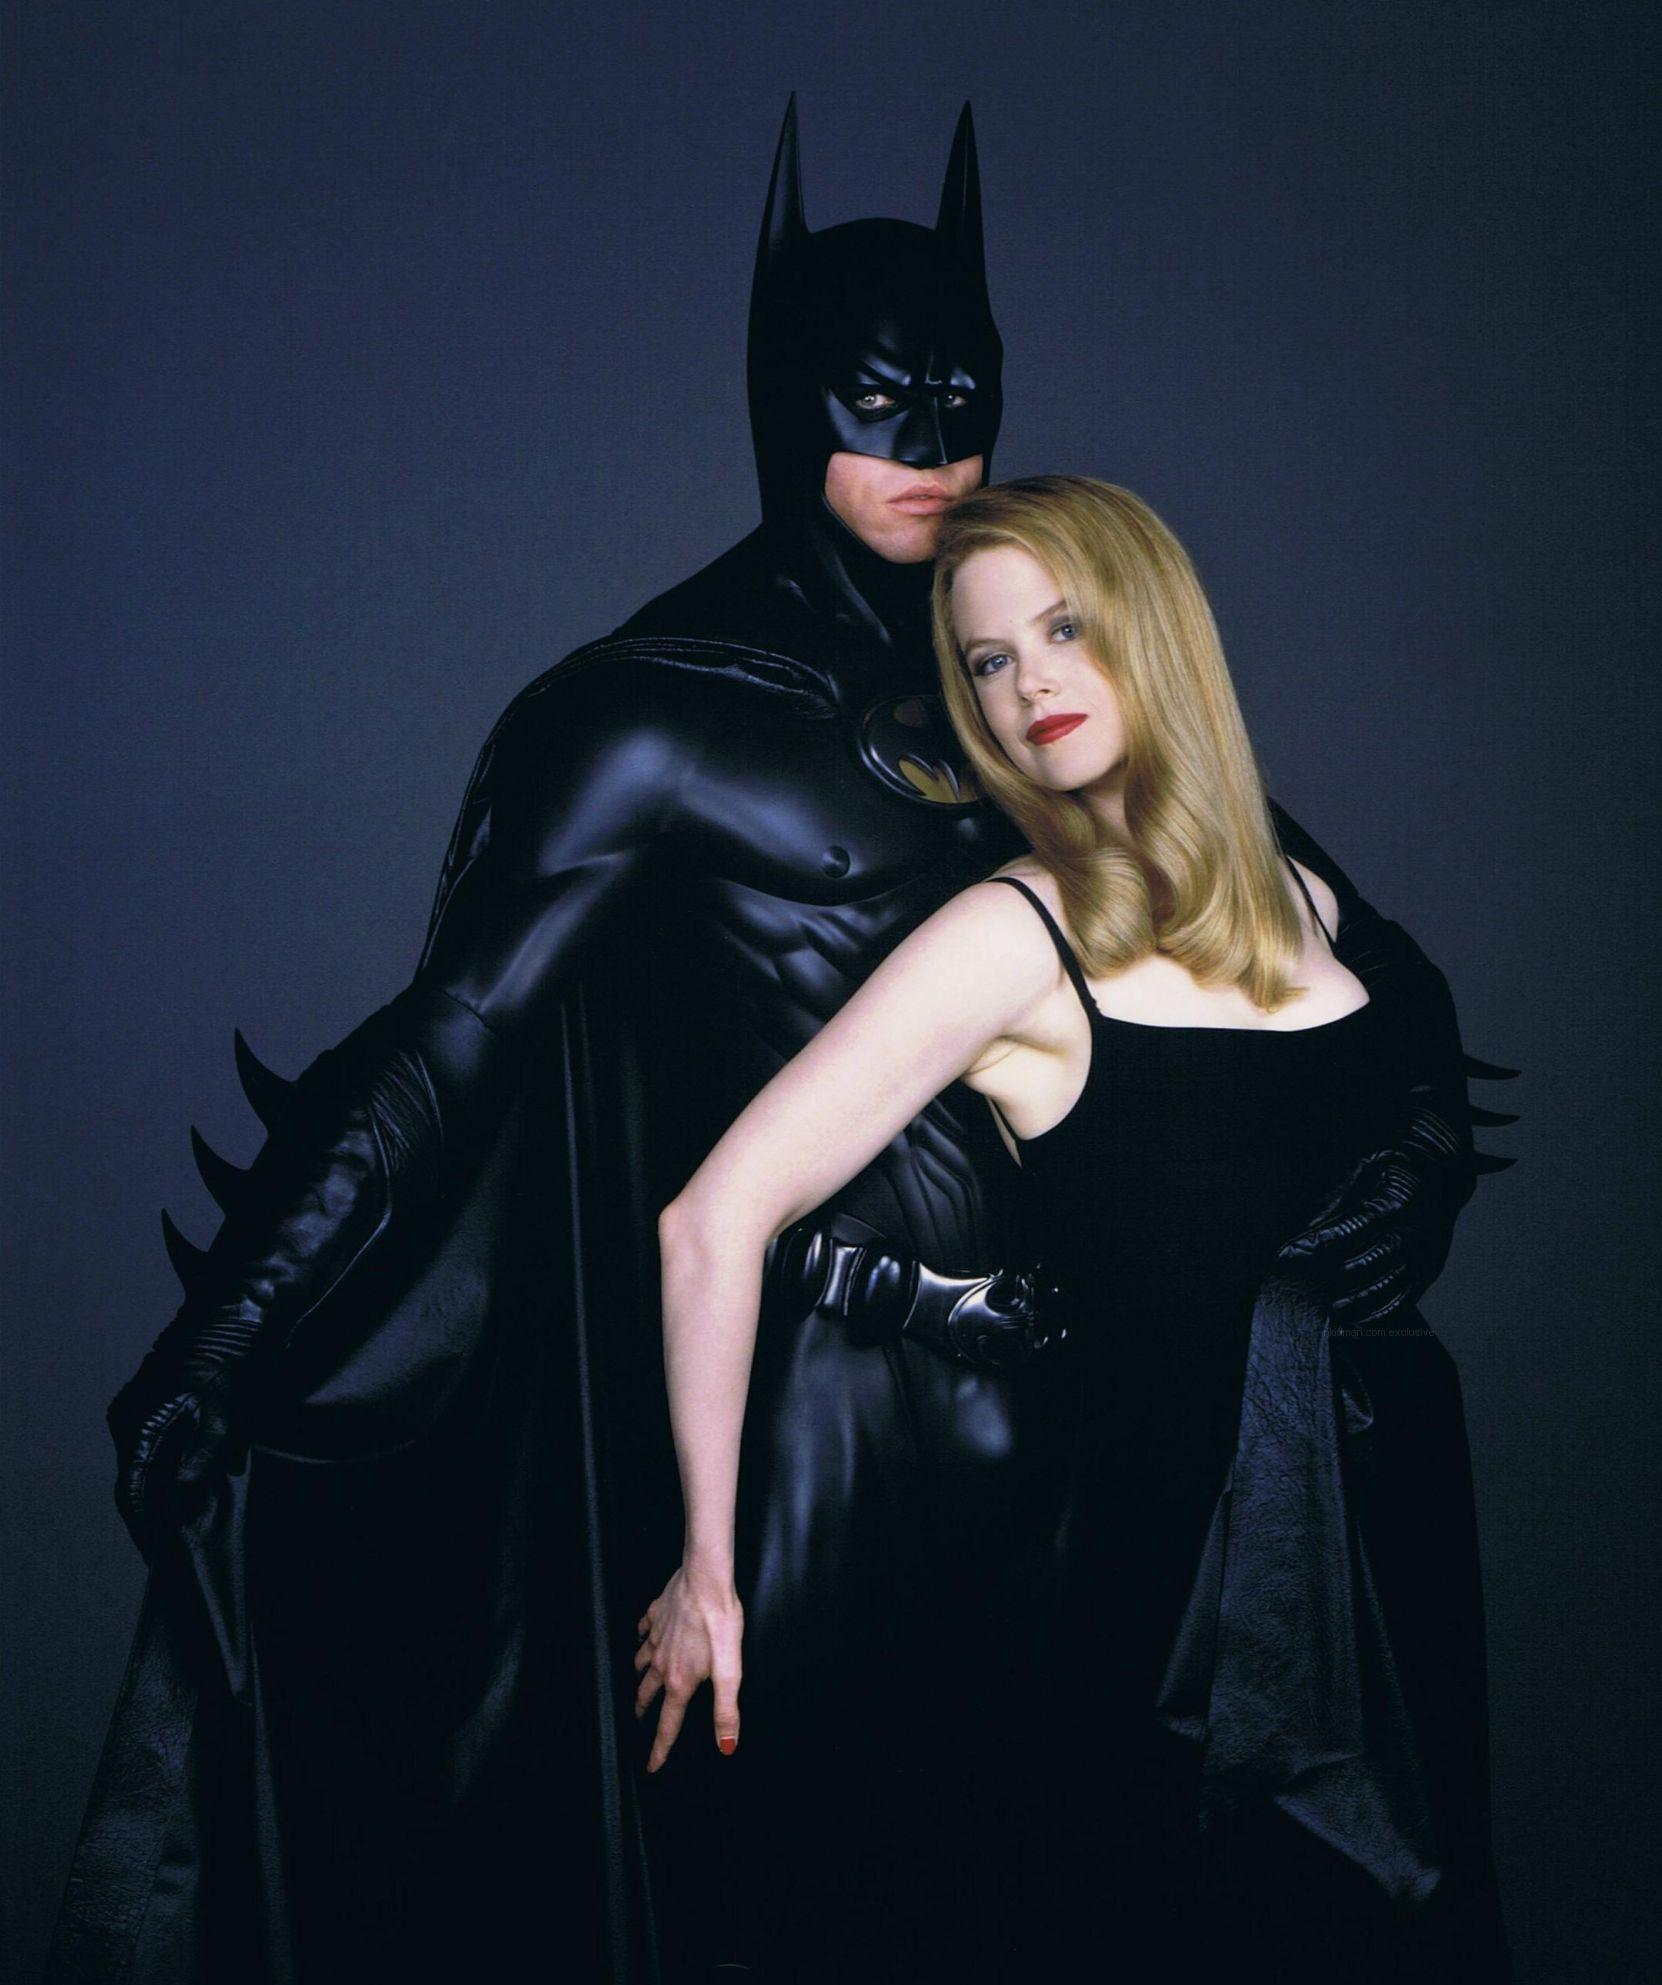 Batman Forever Star Val Kilmer Wants To Play A Villain In \'The Batman\'